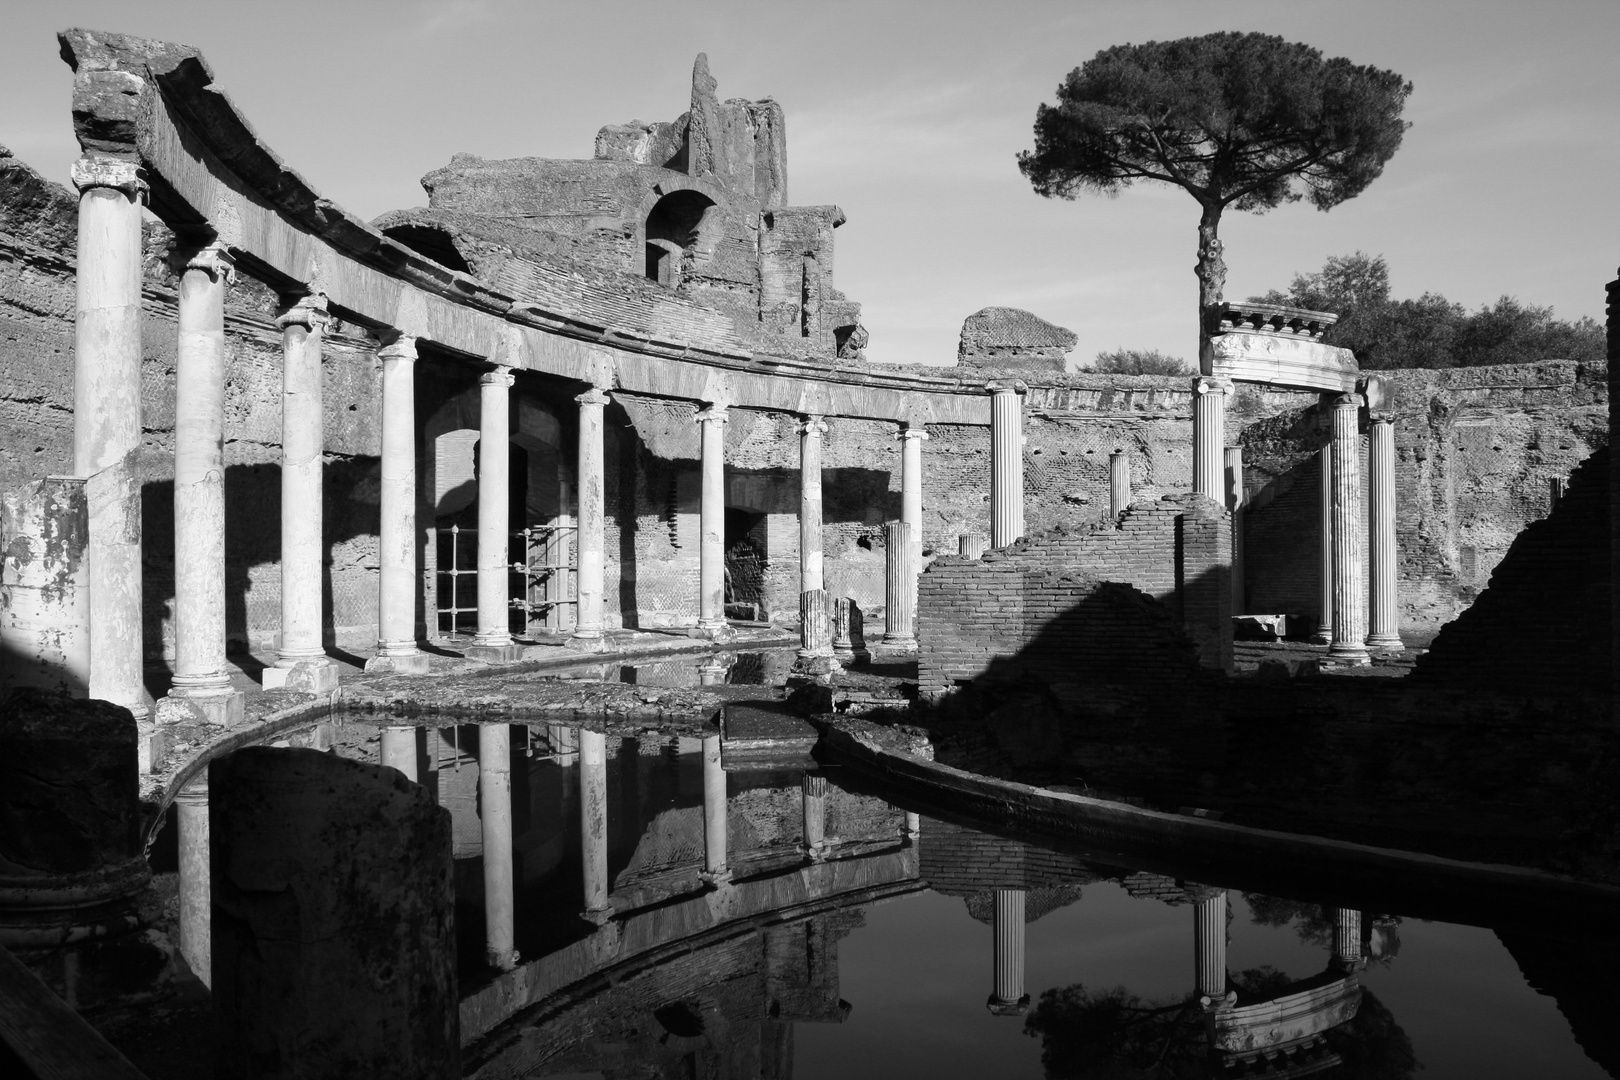 Villa Adriano in Tivoli